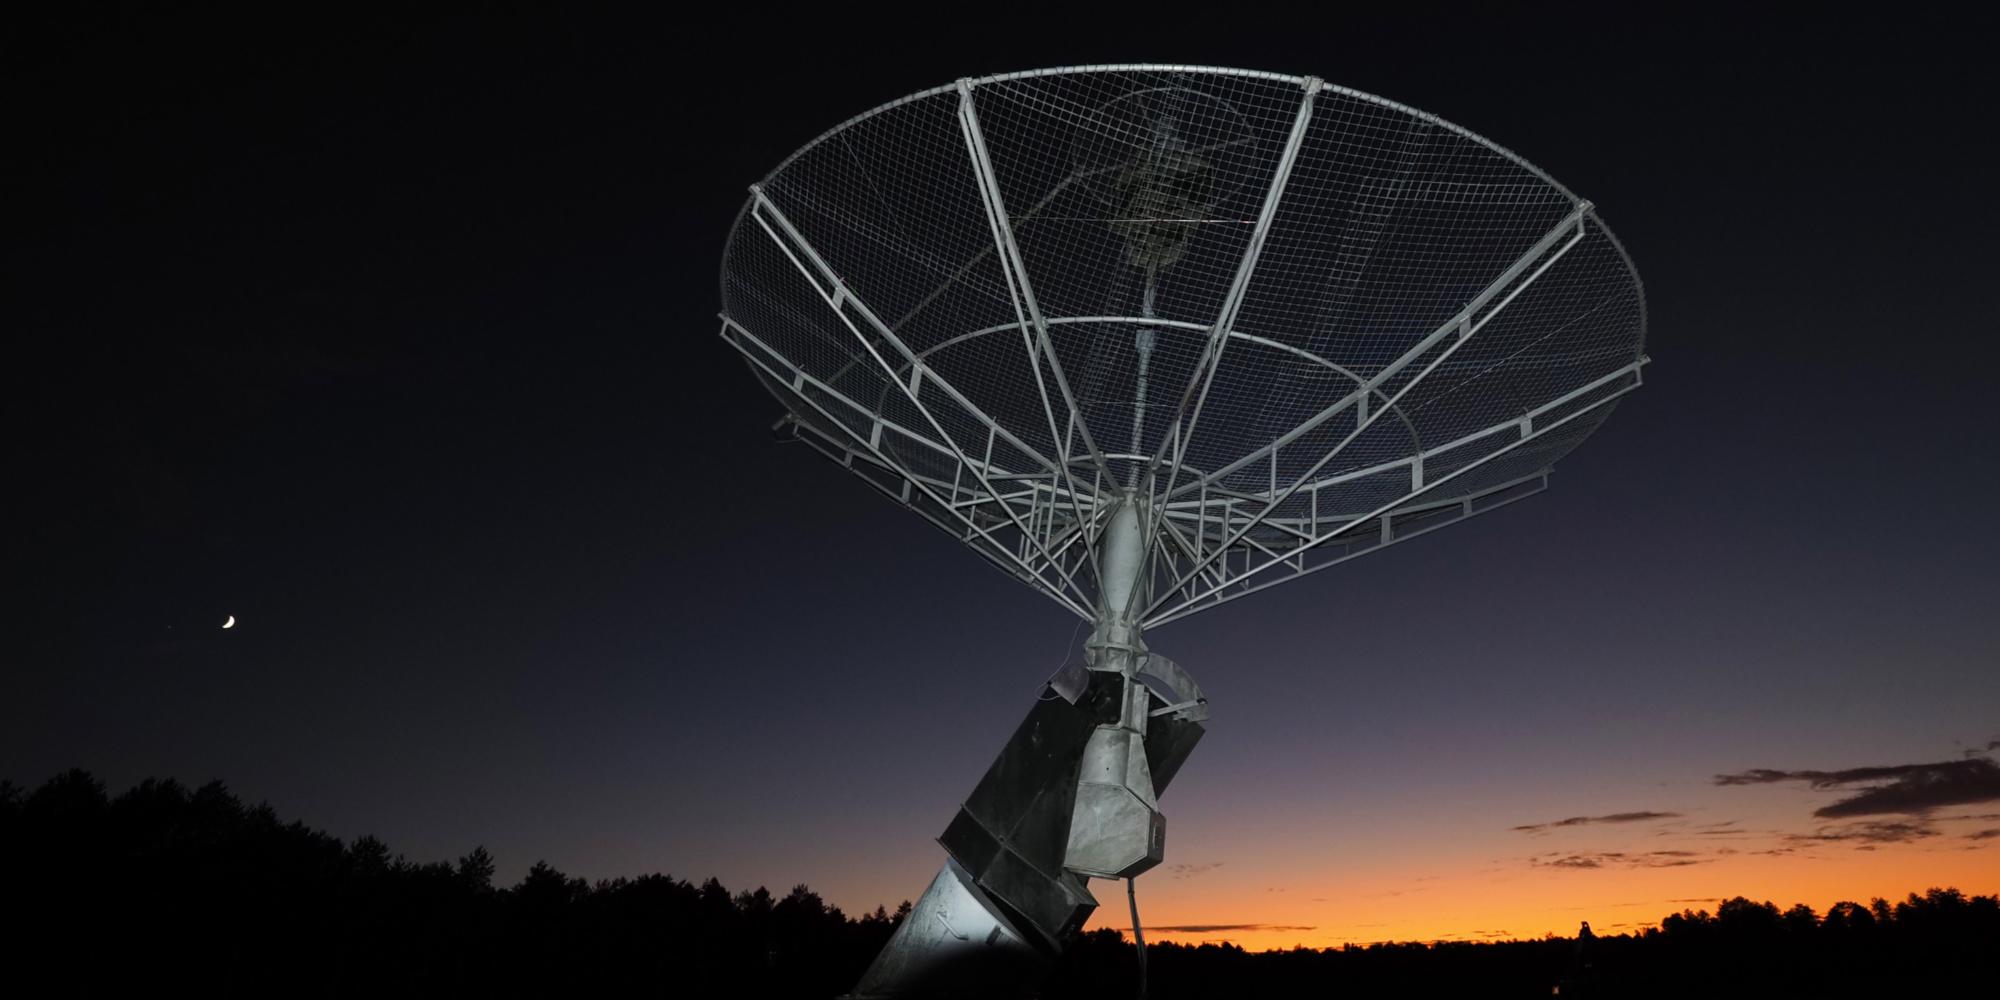 Un radiotélescope européen a détecté un probable signal radio venu d'une exoplanète